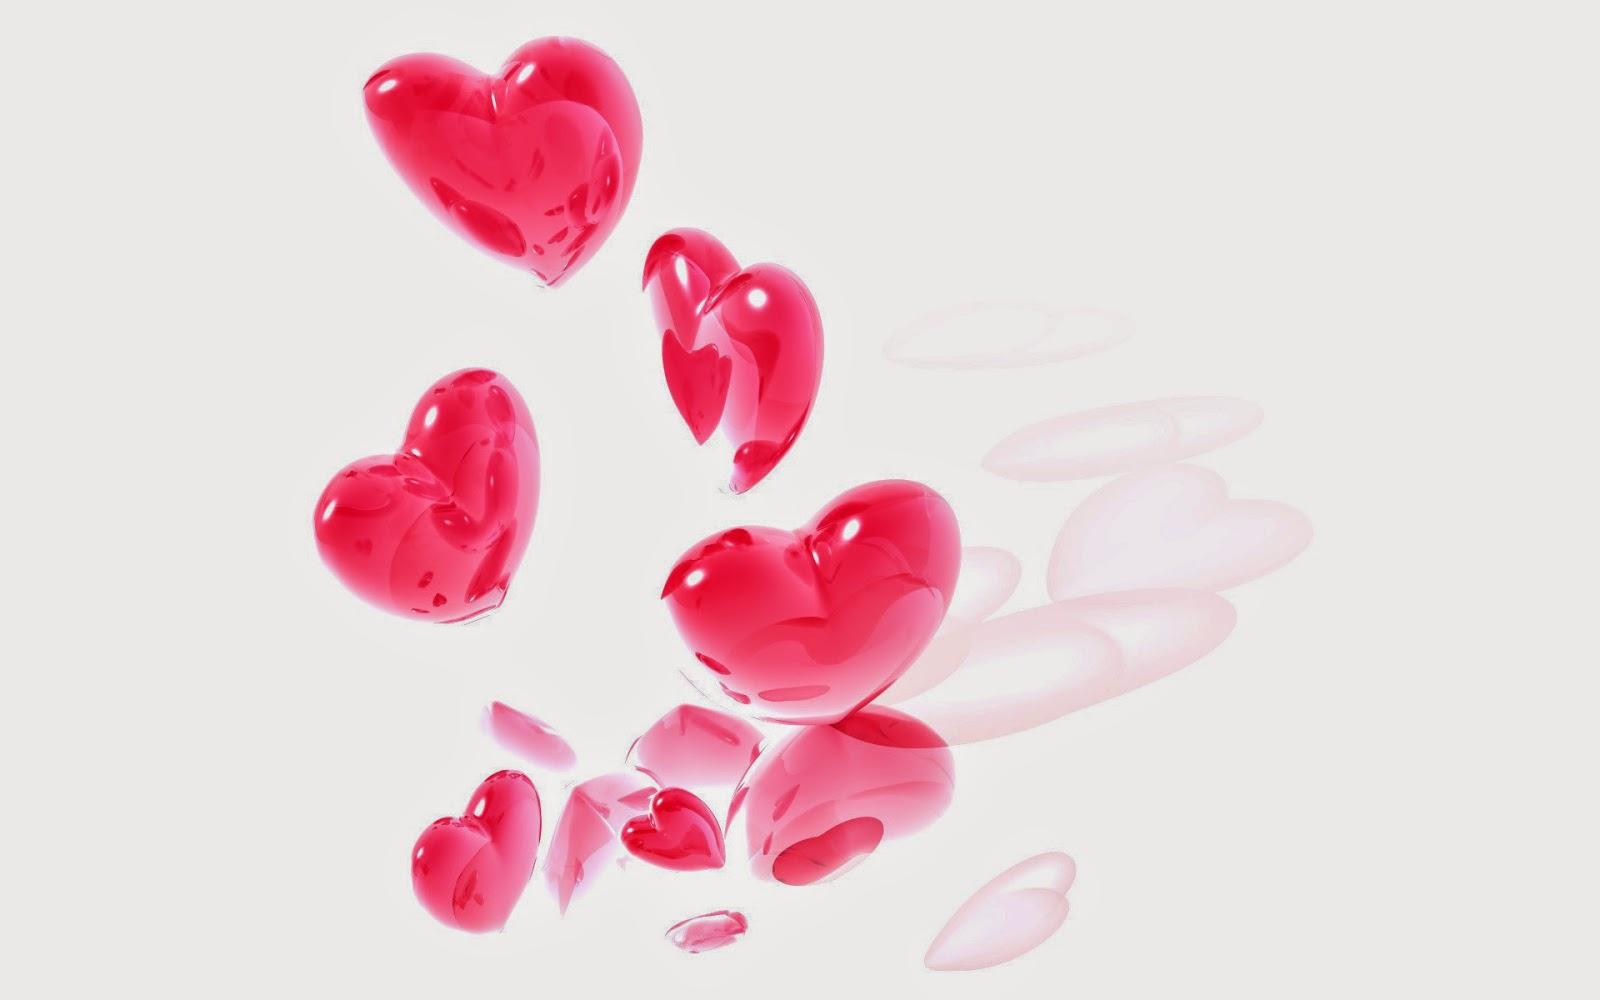 Wallpaper met roze hartjes